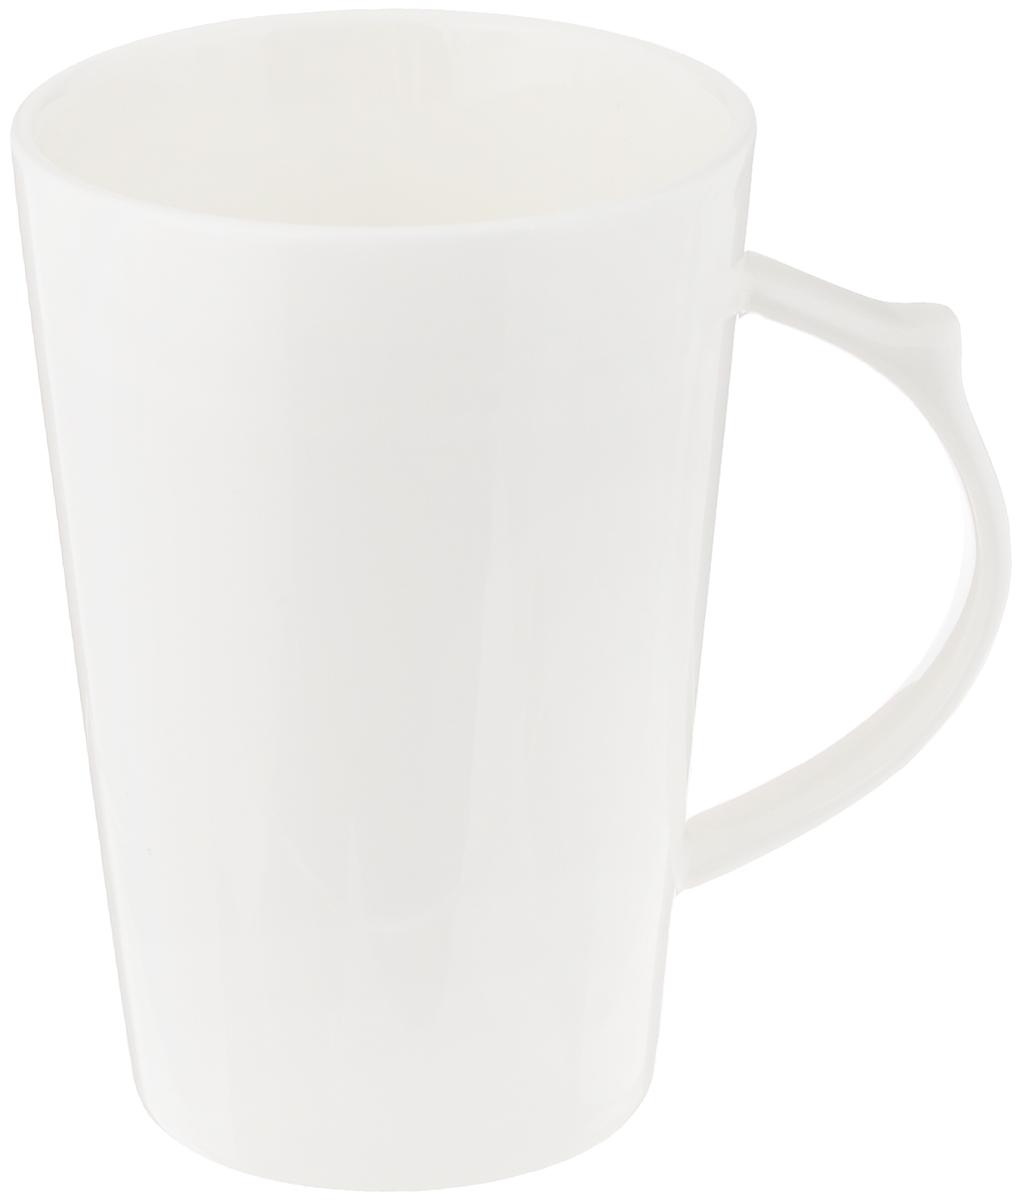 Кружка Wilmax, 380 млWL-993012 / AИзящная кружка Wilmax выполнена из высококачественного фарфора. Изделие впишется в любой интерьер современной кухни, а также станет отличным дополнением к сервировке праздничного или обеденного стола. Диаметр кружки (по верхнему краю): 8 см.